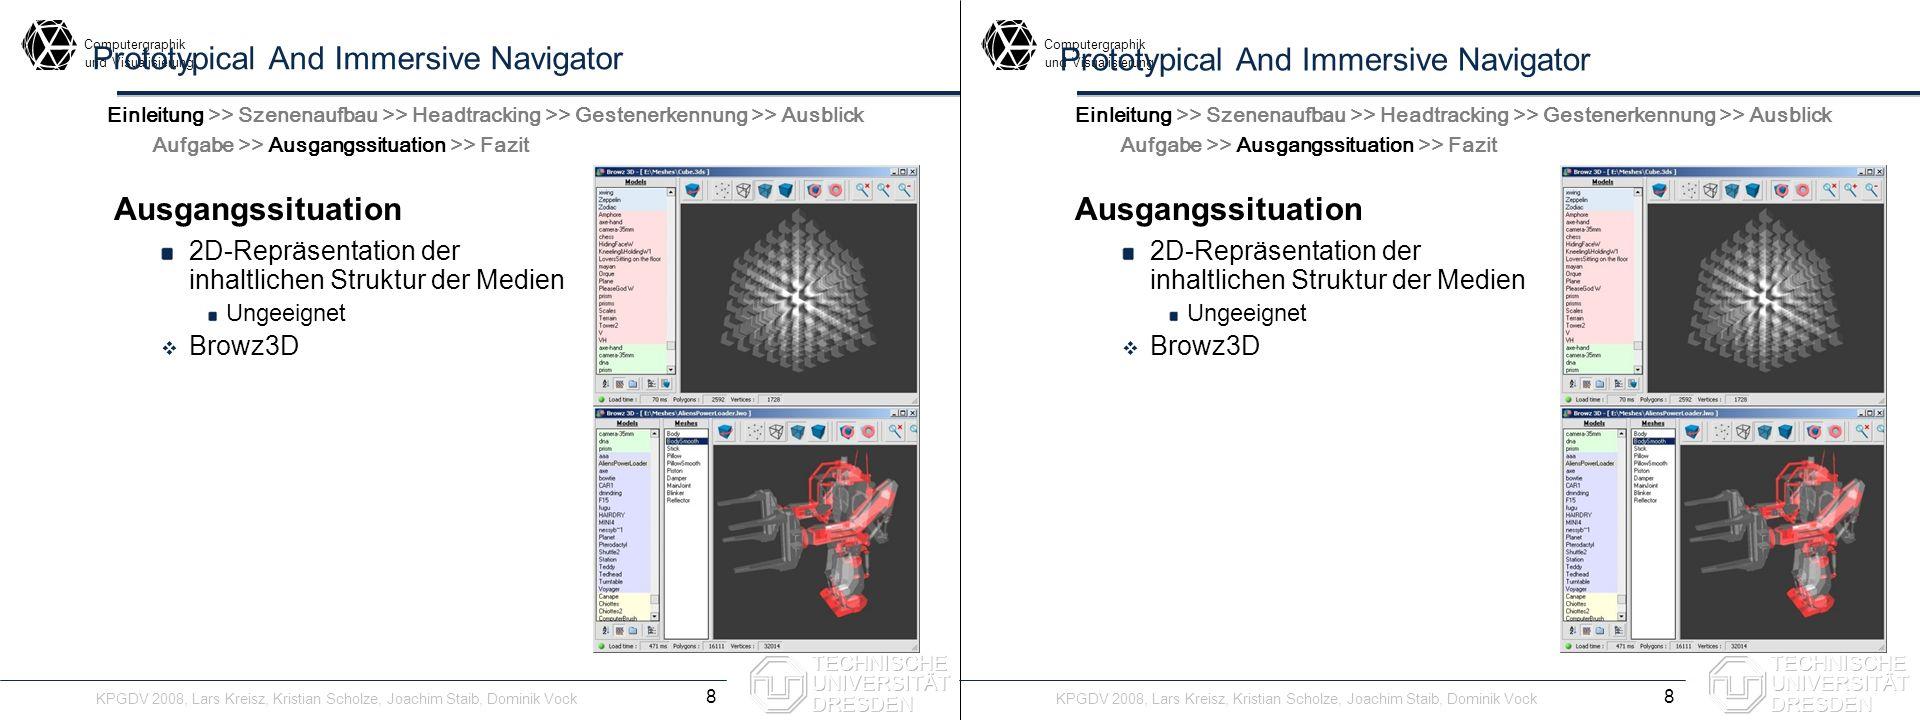 Computergraphik undVisualisierung Computergraphik undVisualisierung Prototypical And Immersive Navigator Darstellung Räumliche Darstellung von 2D-Sachverhalten Ziel: schnelleres Erfassen 3D-Desktop, 3D-Tabbing 9 Einleitung >> Szenenaufbau >> Headtracking >> Gestenerkennung >> Ausblick Aufgabe >> Ausgangssituation >> Fazit Darstellung Räumliche Darstellung von 2D-Sachverhalten Ziel: schnelleres Erfassen 3D-Desktop, 3D-Tabbing Einleitung >> Szenenaufbau >> Headtracking >> Gestenerkennung >> Ausblick Aufgabe >> Ausgangssituation >> Fazit KPGDV 2008, Lars Kreisz, Kristian Scholze, Joachim Staib, Dominik Vock